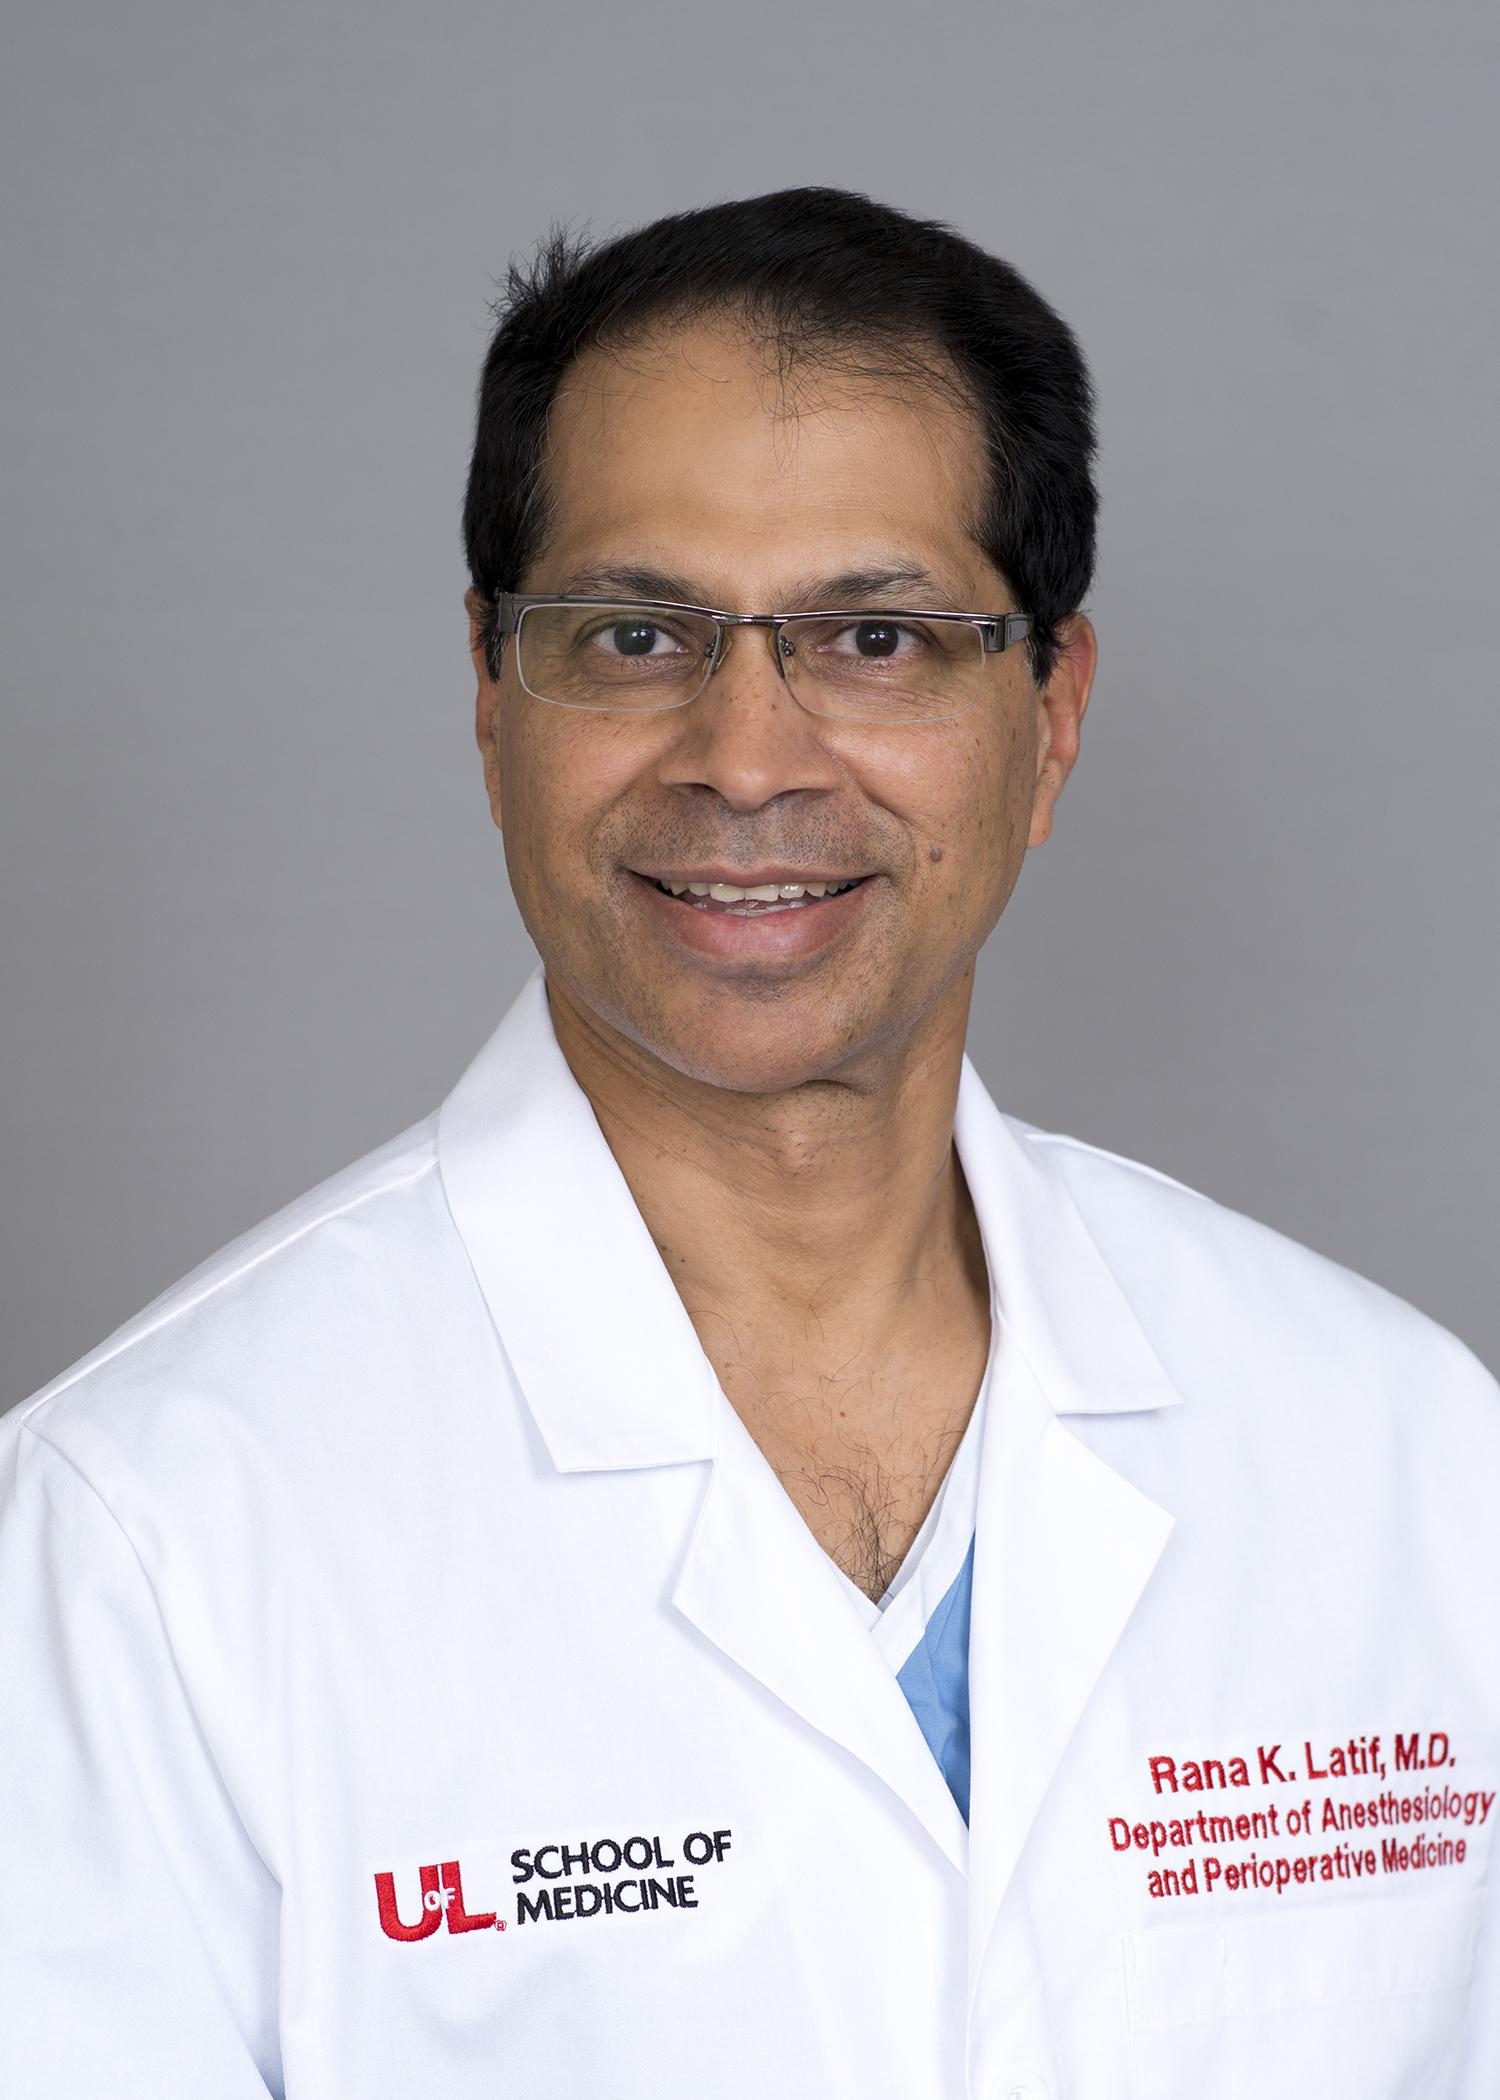 Dr. Rana Latif